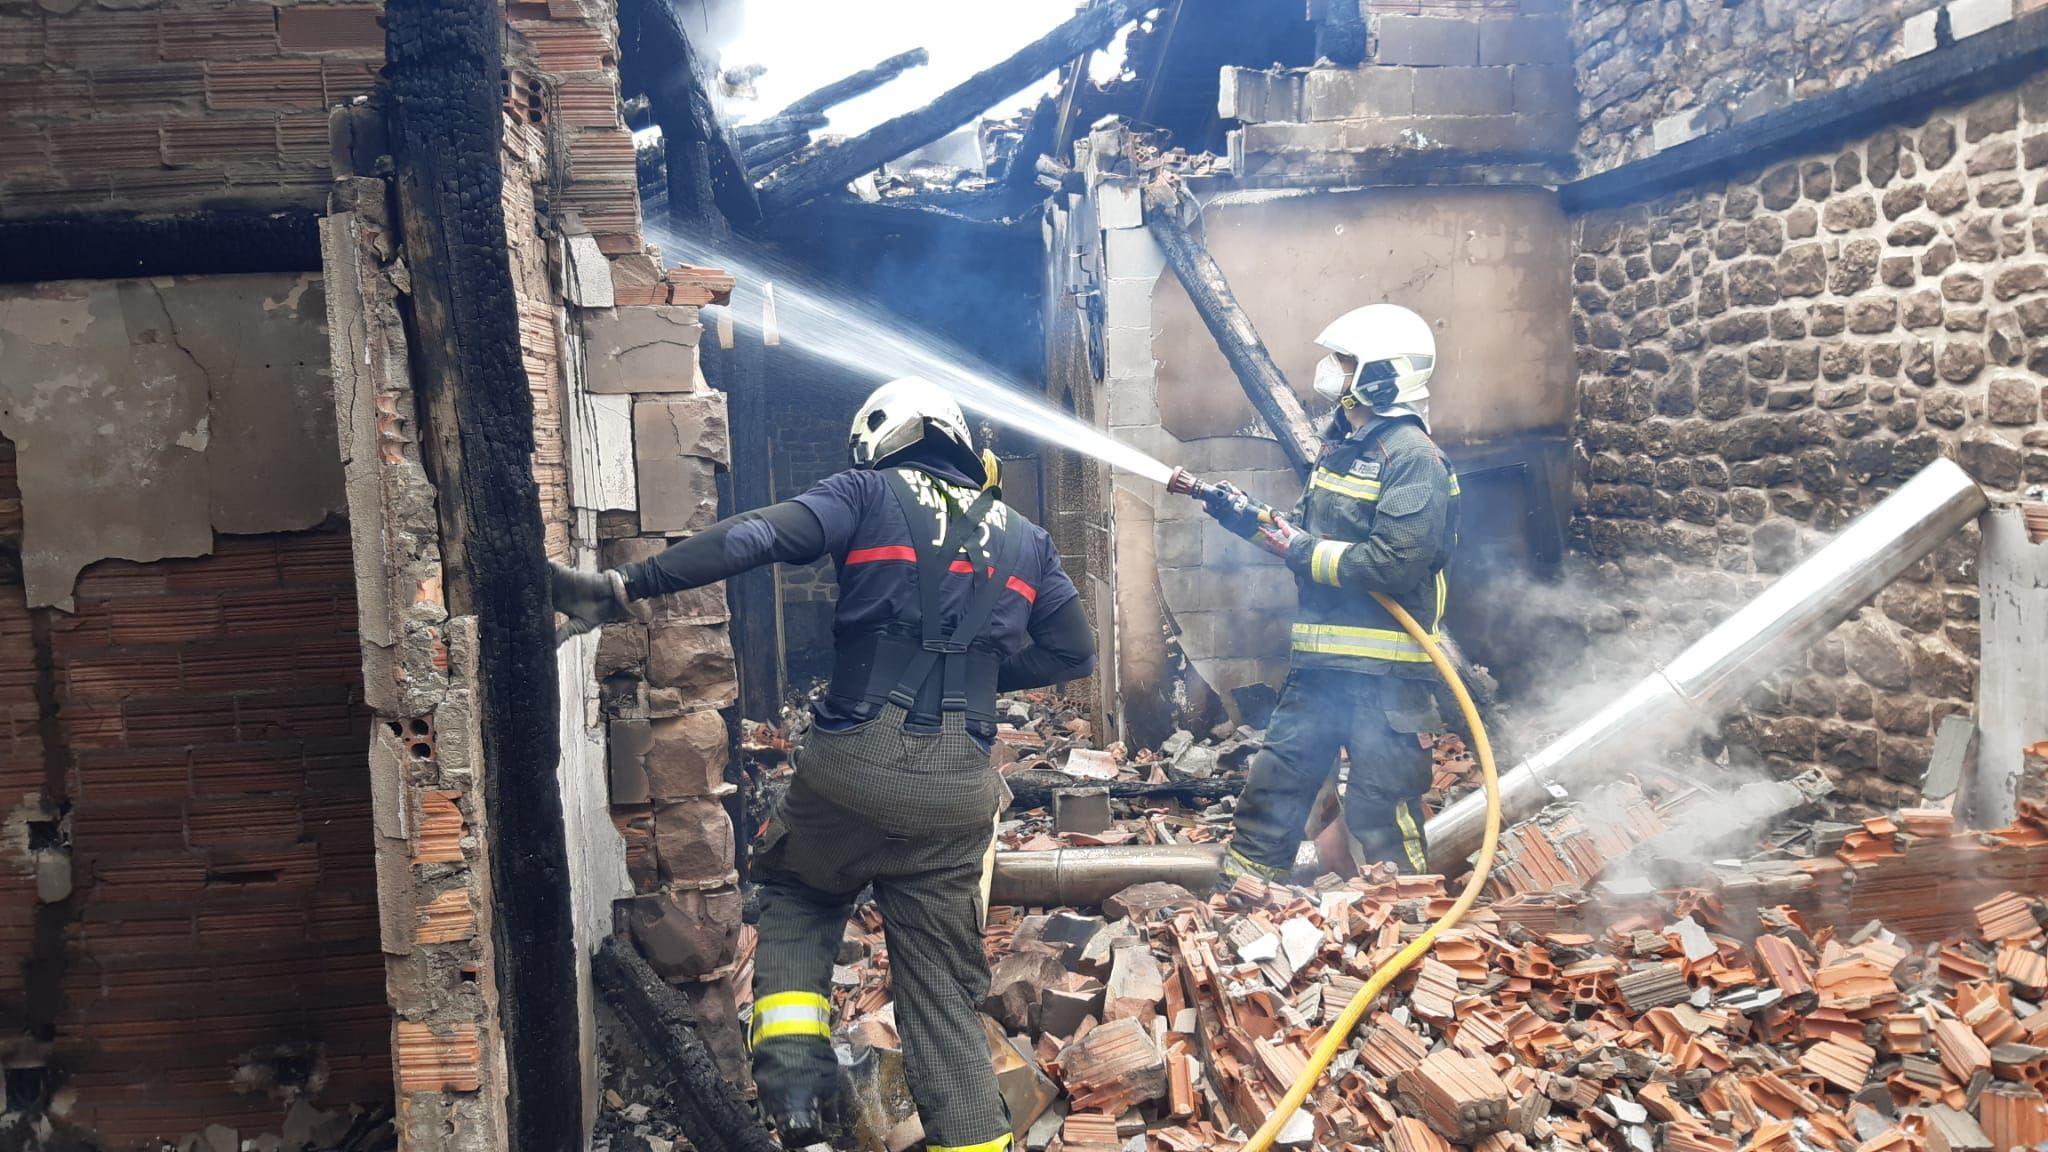 dos bomberos refrescando el escombro generado